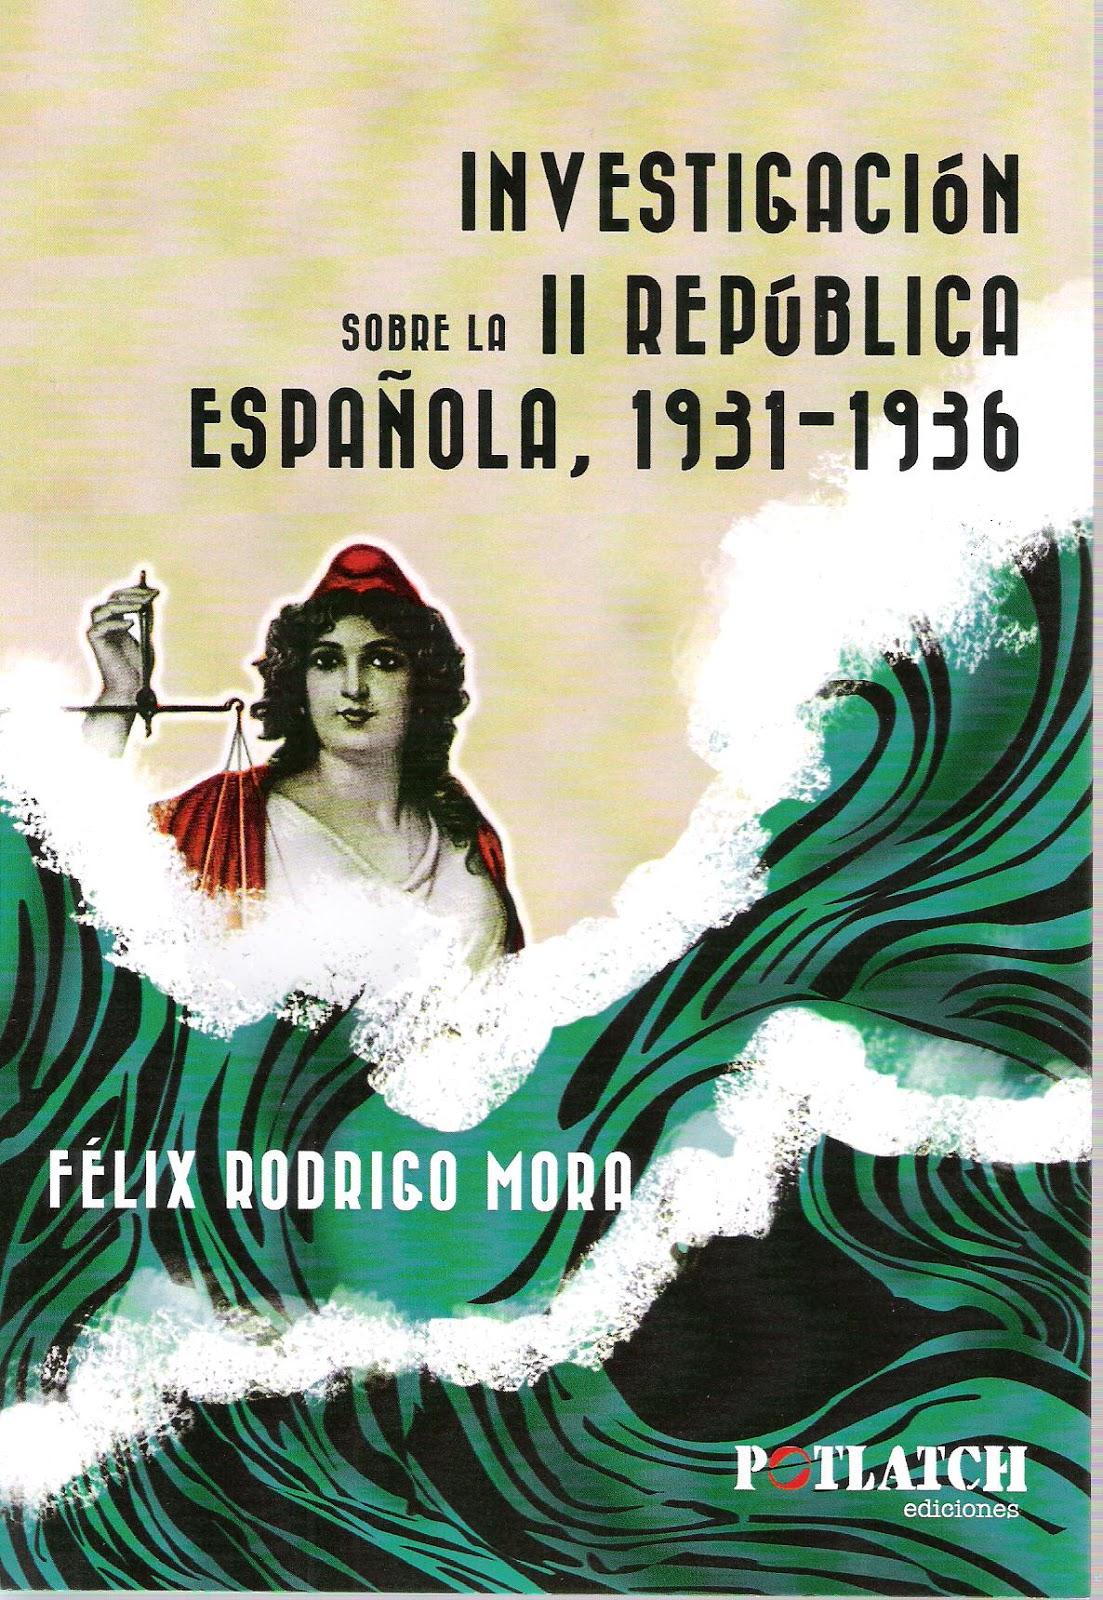 Investigación sobre la II República Española, 1931-36: el nuevo libro de Félix Rodrigo Mora